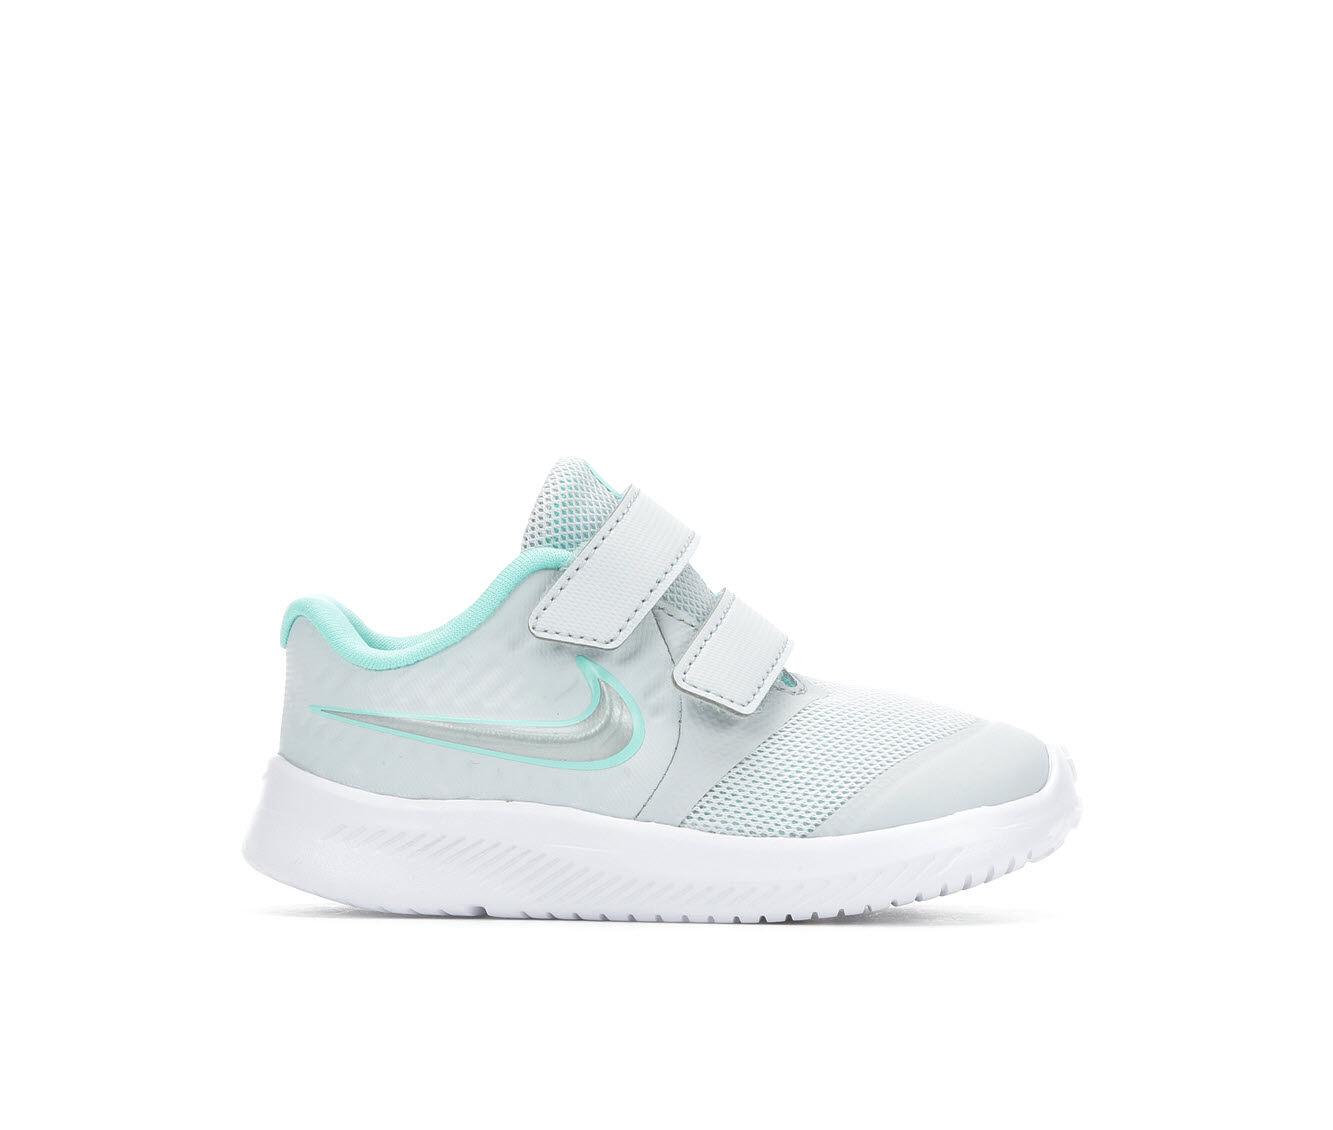 Girls' Nike Infant & Toddler Star Runner Athletic Shoes